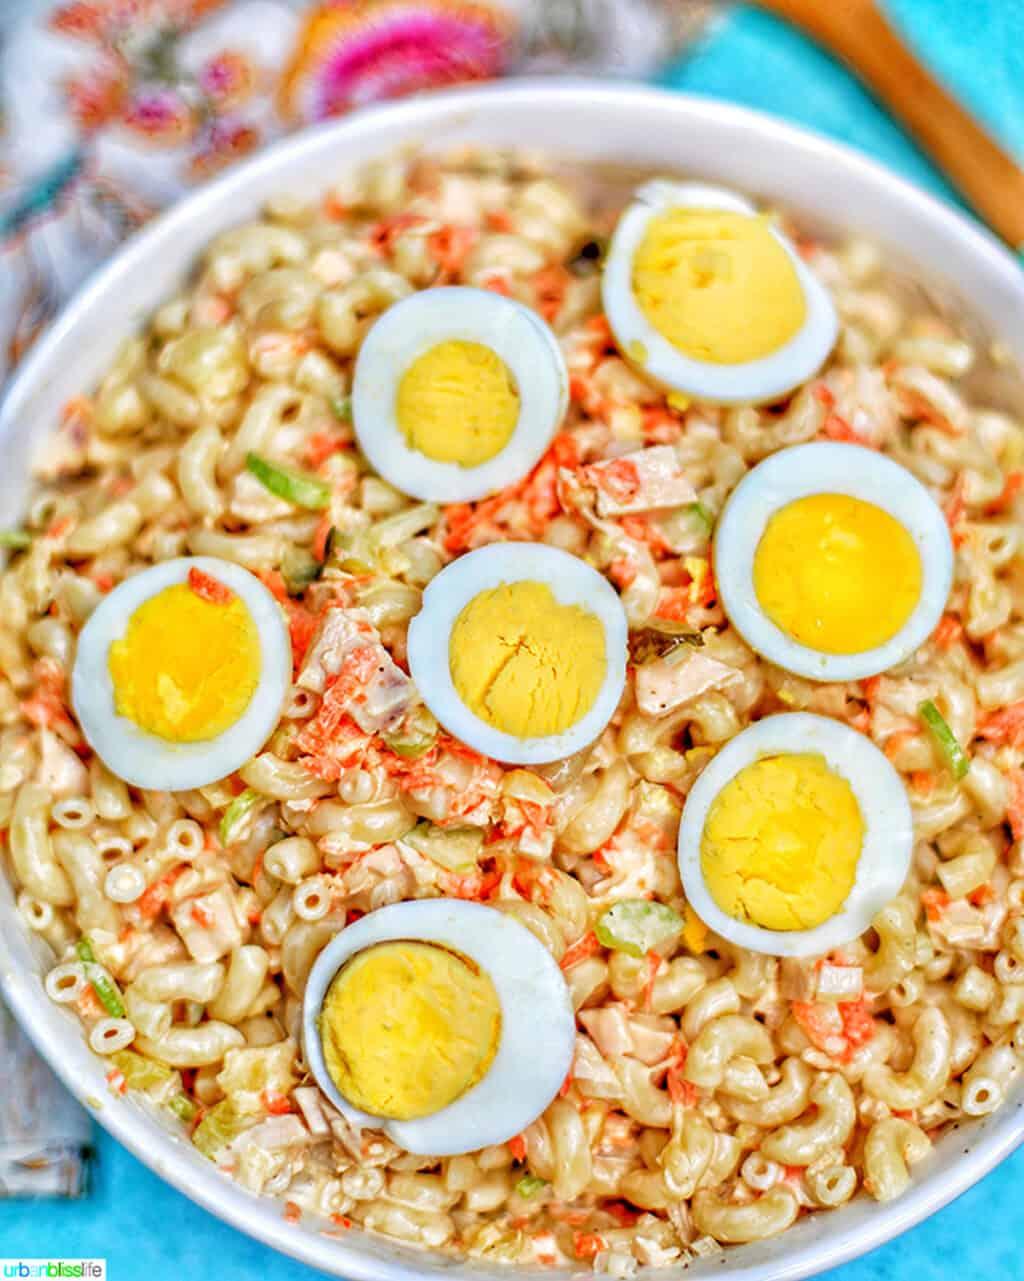 Filipino Macaroni Salad in a bowl